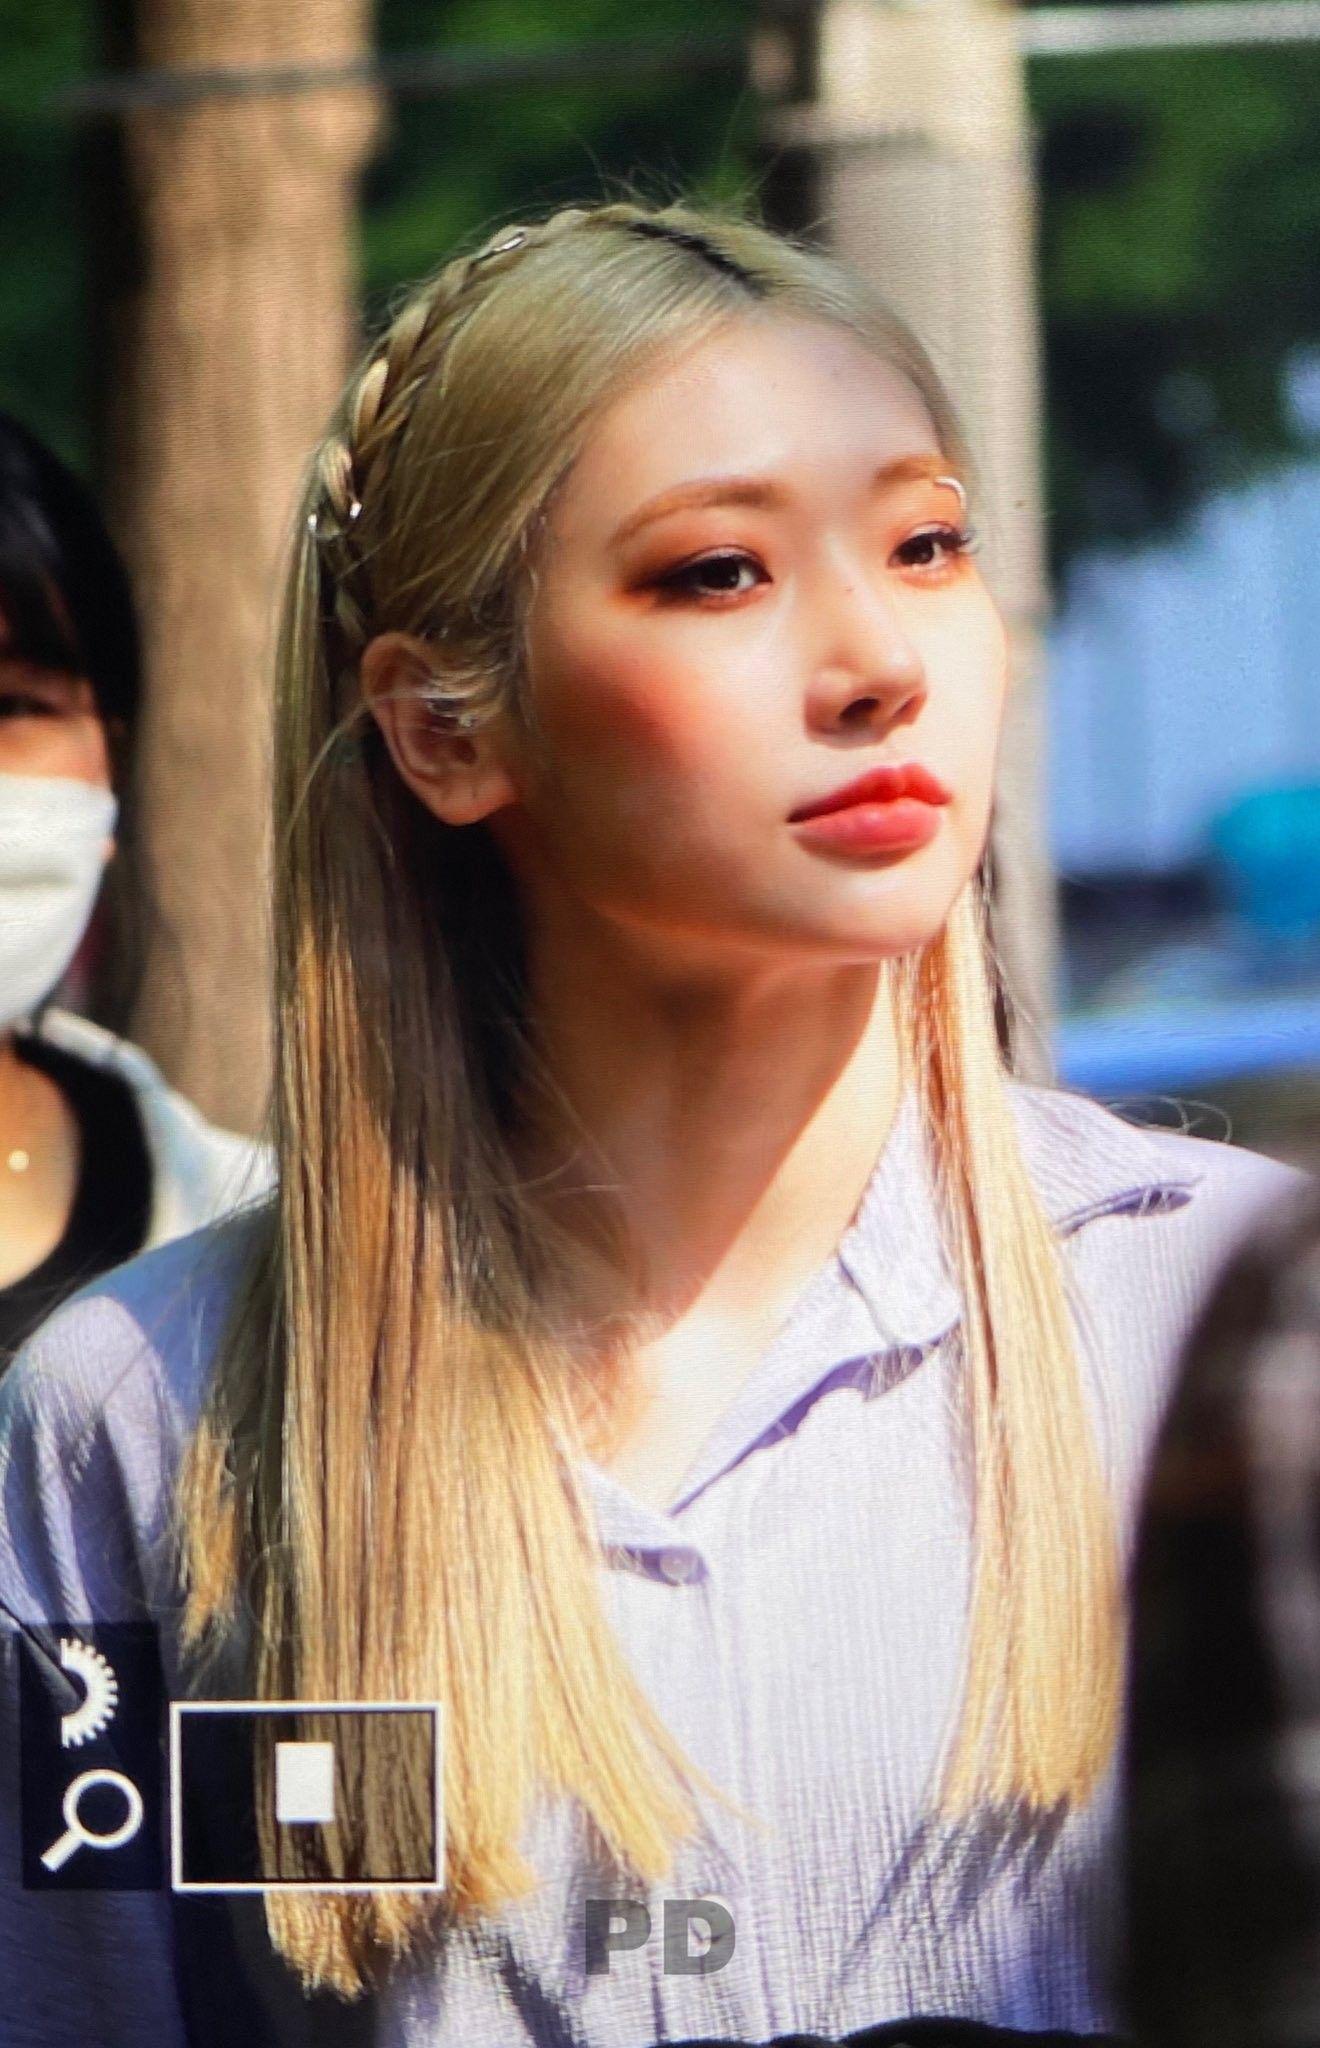 Jinny Gadis Cantik Kecantikan